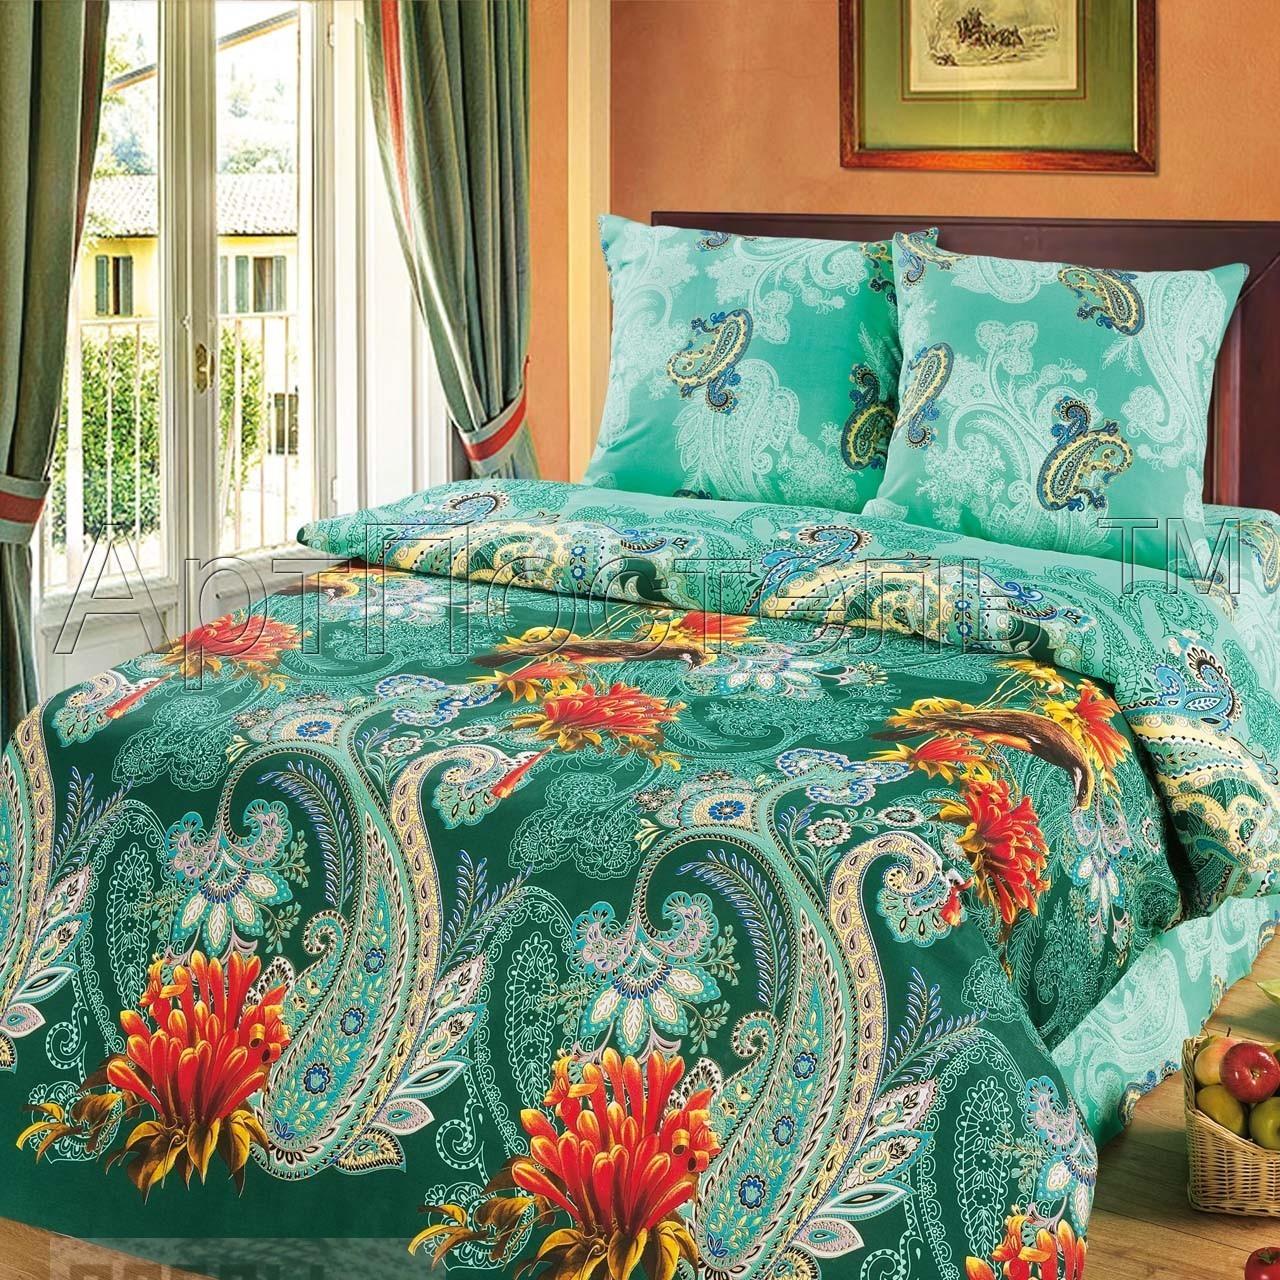 Сравнить цены и купить подарок постельное белье сатин подарок, постельное, белье, сатин